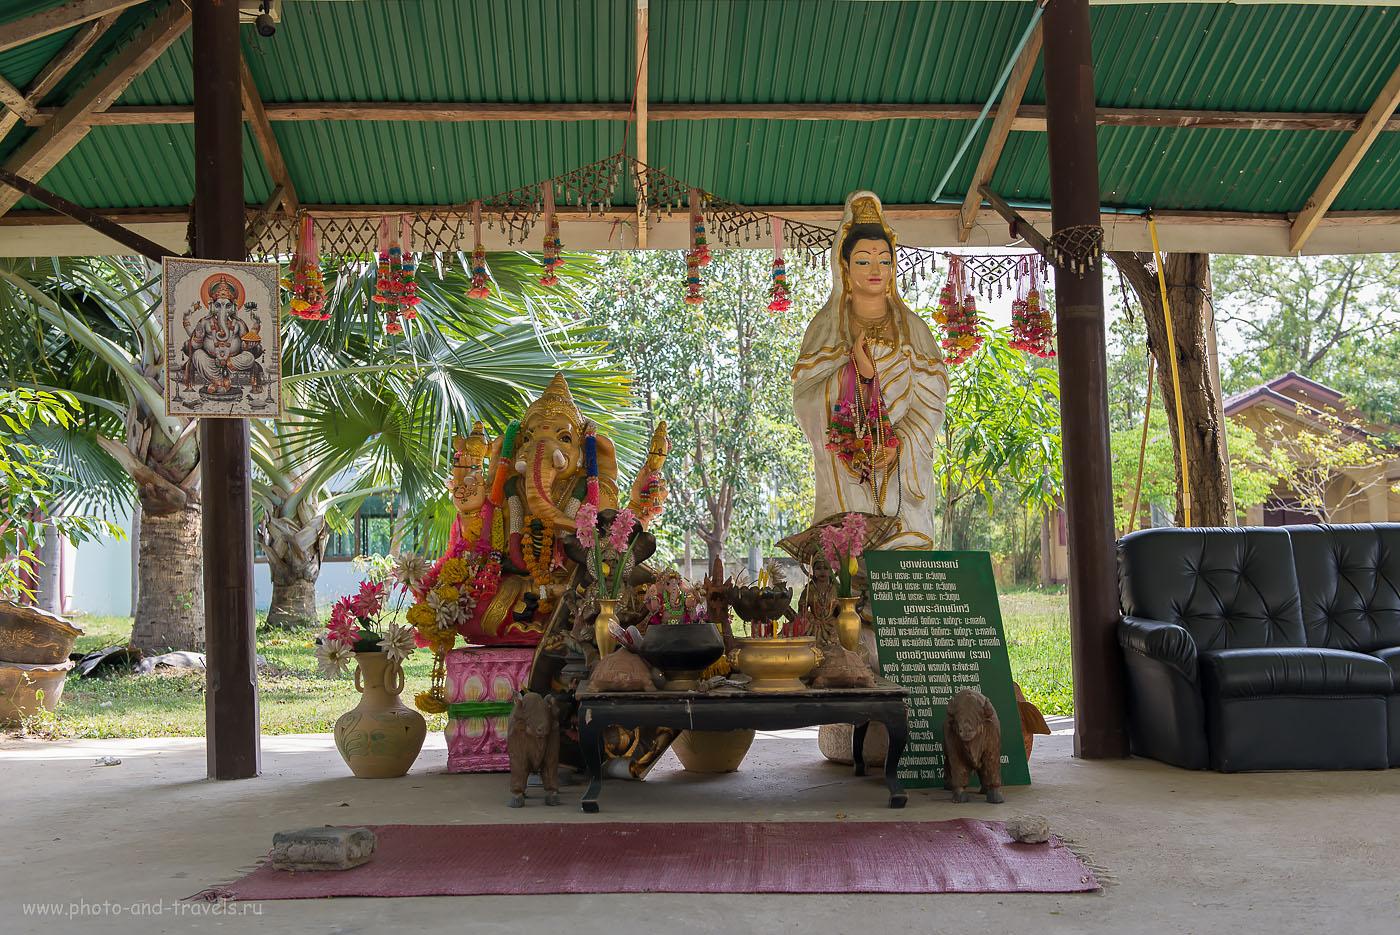 Фото 18. В храме Wat Na Yang. Поездка на отдых в Таиланде из Екатеринбурга самостоятельно.